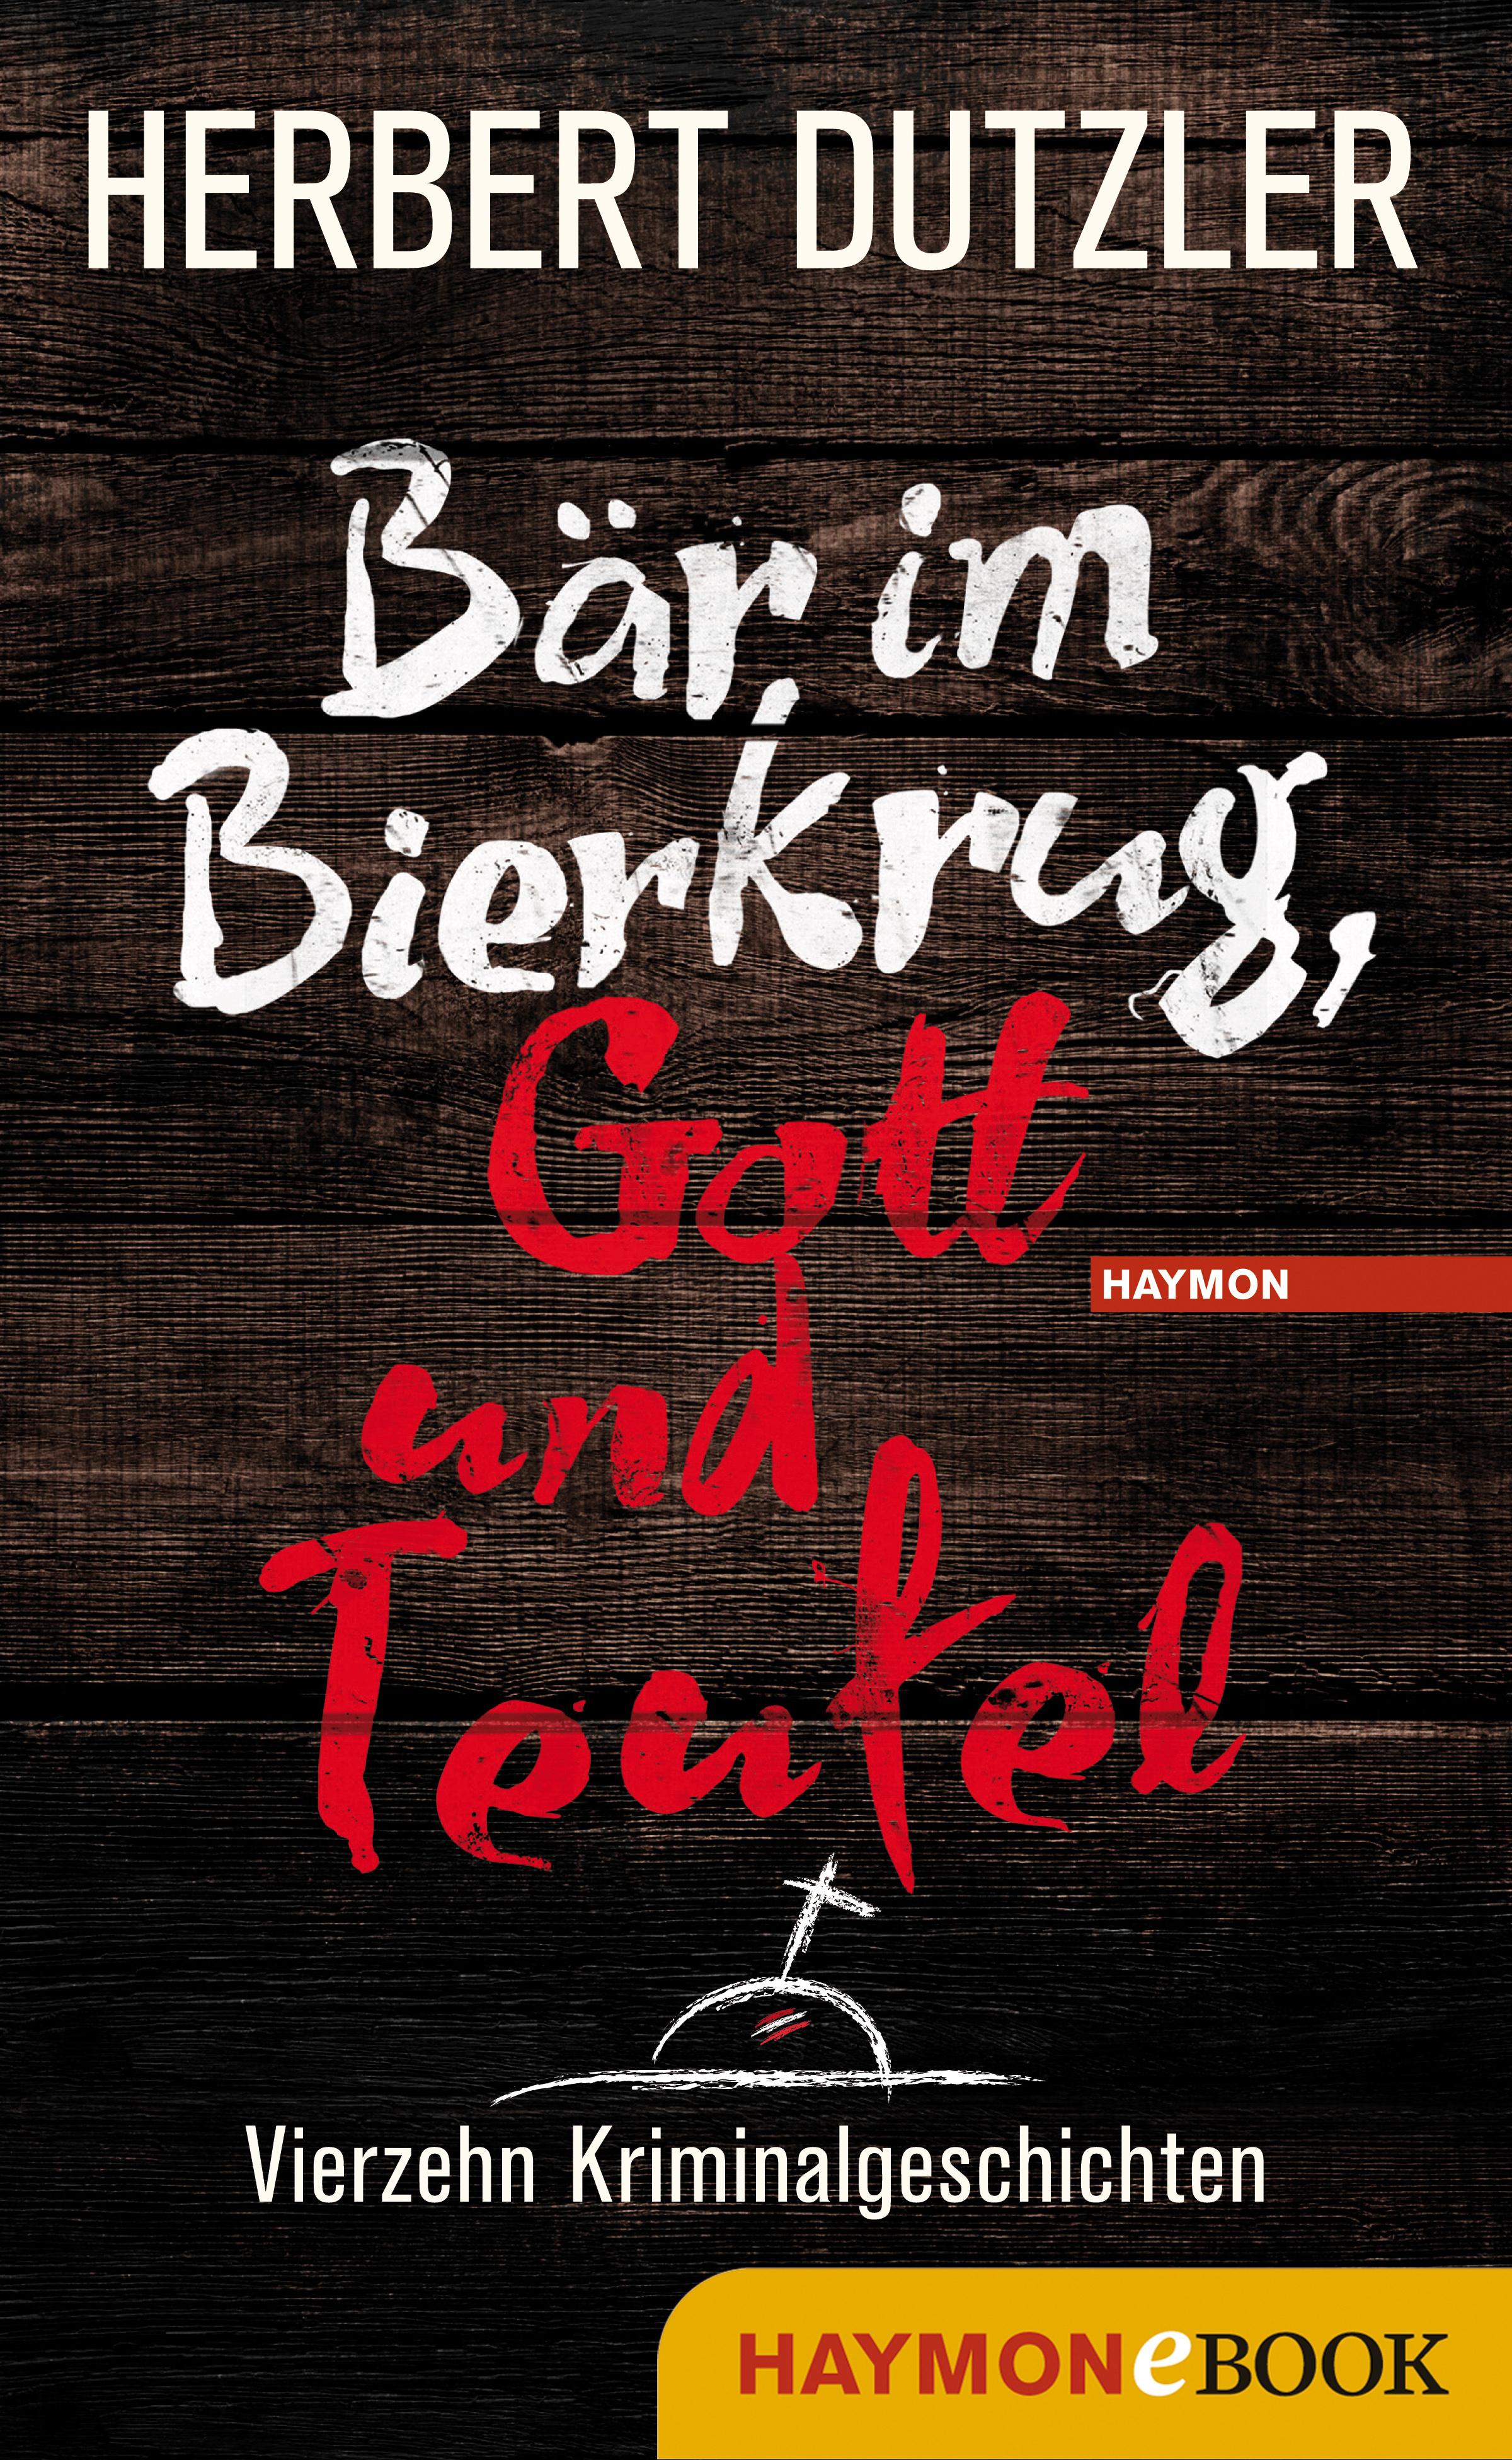 Herbert Dutzler Bär im Bierkrug, Gott und Teufel herbert band differenzierte strategien zur leistungsbeurteilung im franzosischunterricht an hoheren schulen